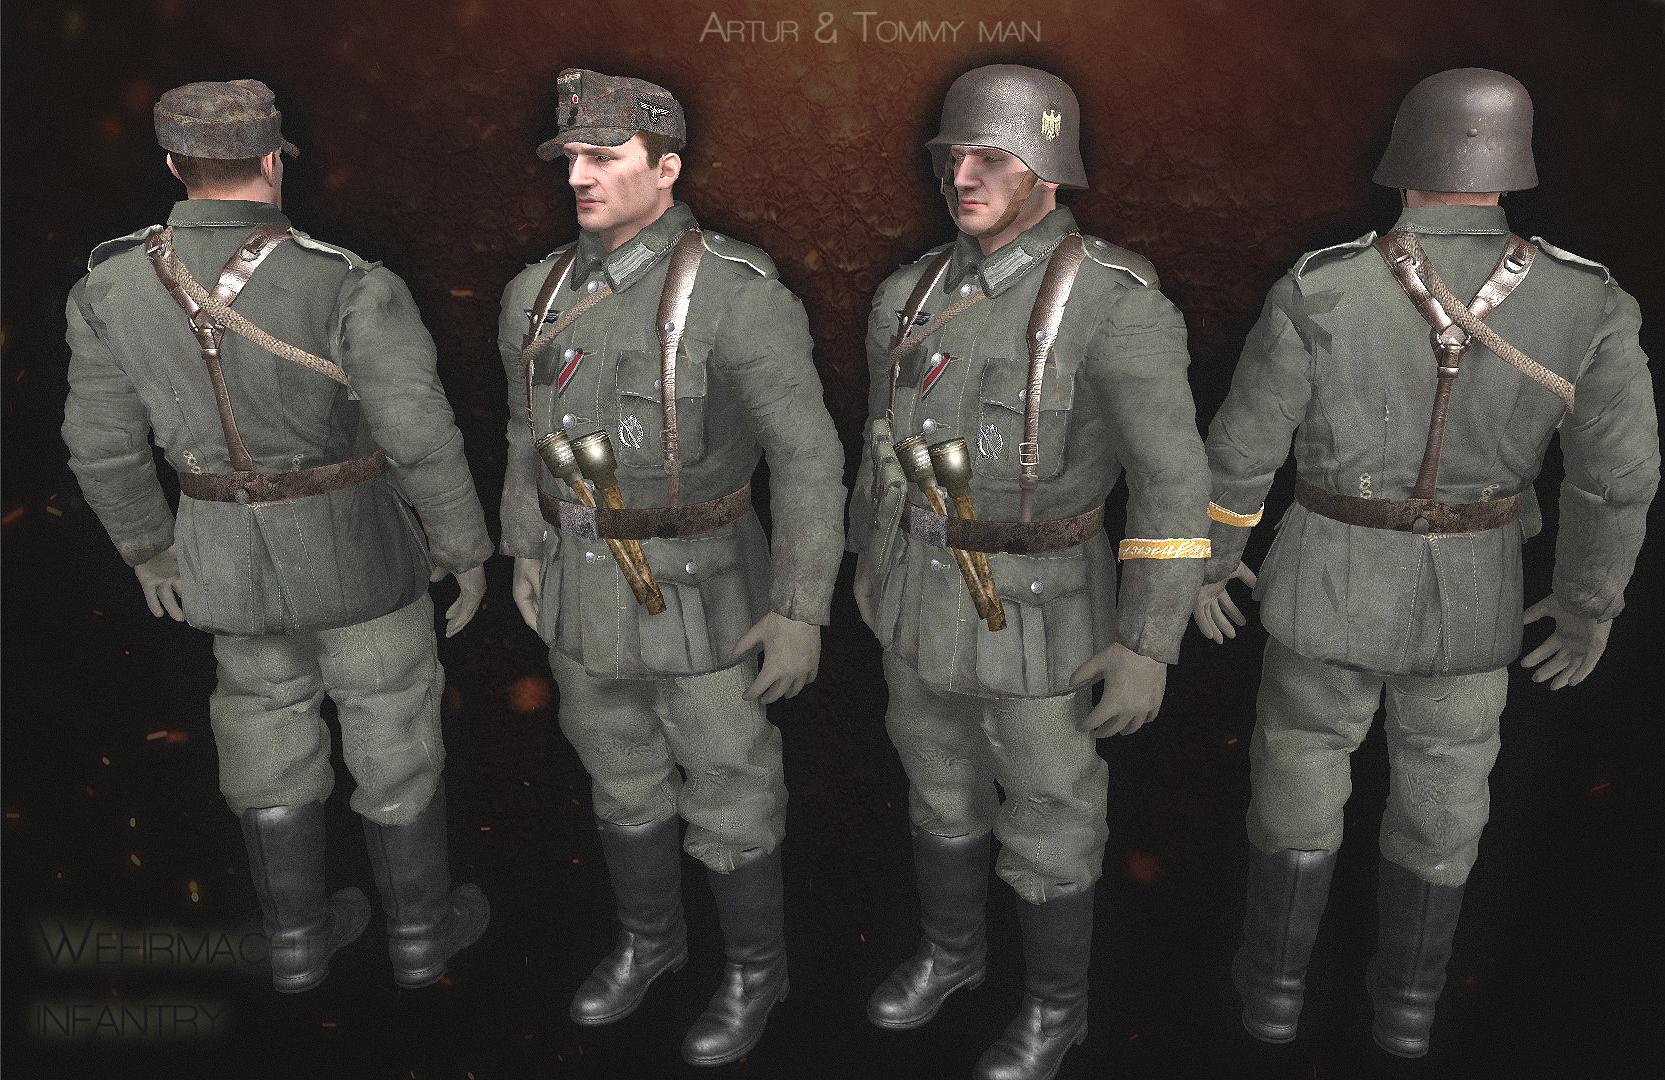 wehrmacht budapest ostromában,1944-45,Játék